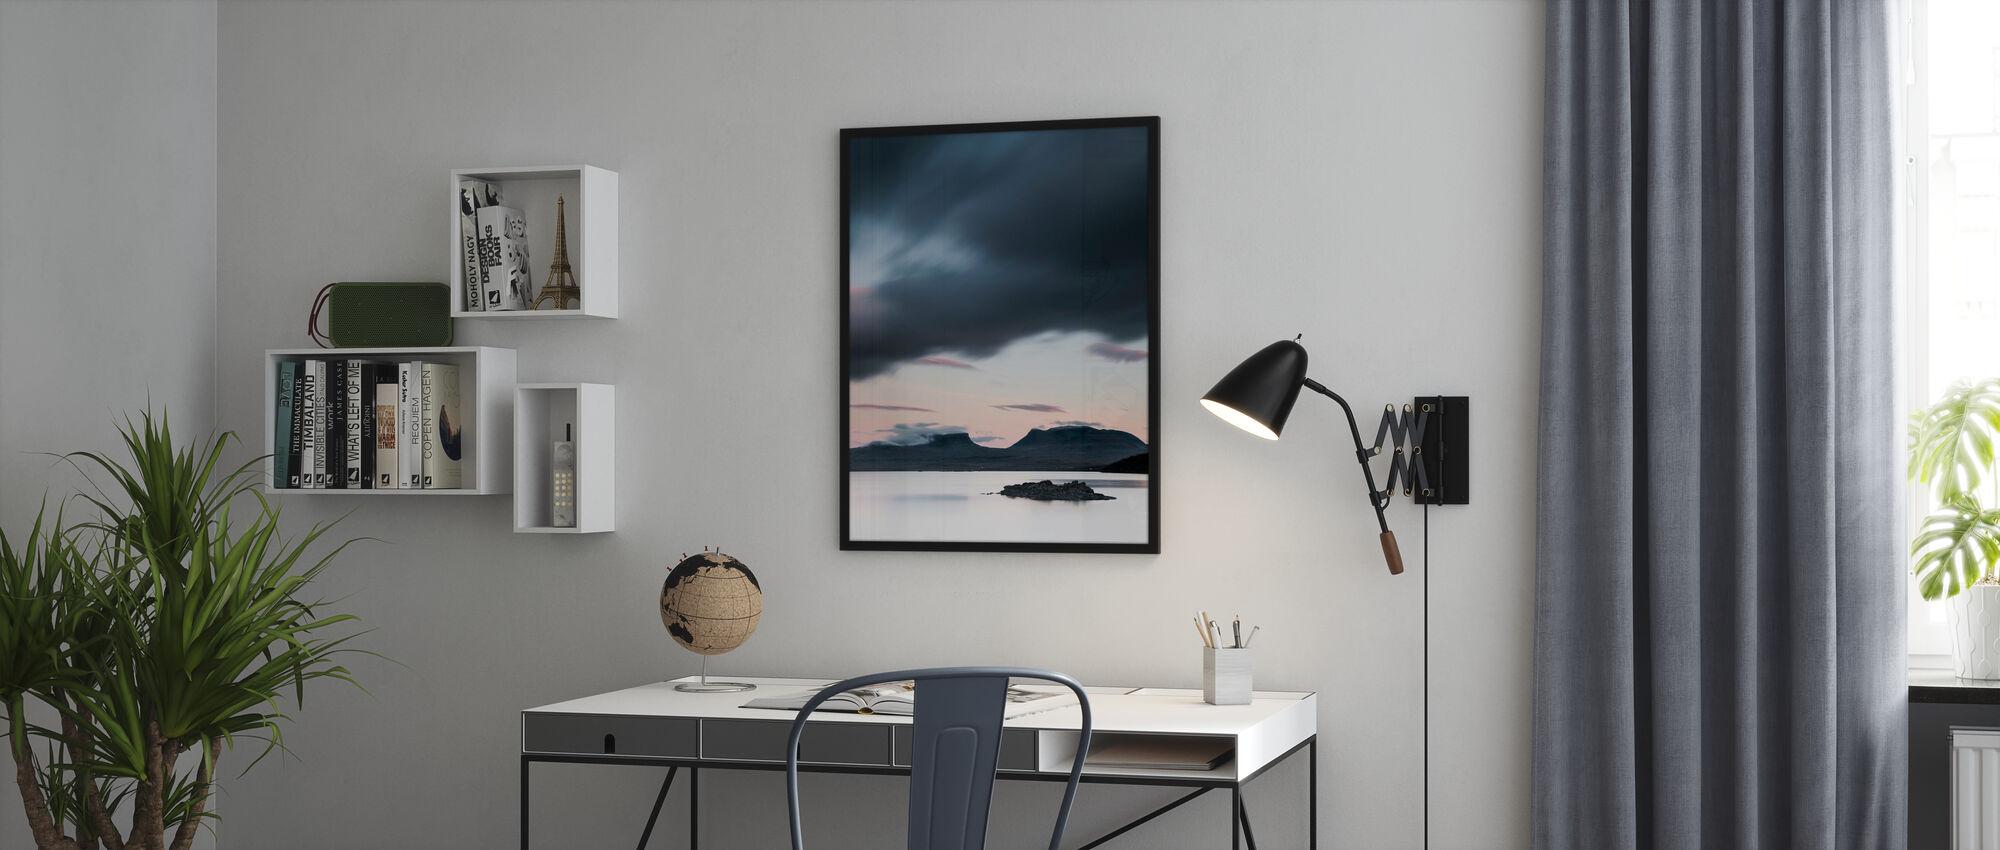 Lapporten & Torneträsk - Sweden - Poster - Office